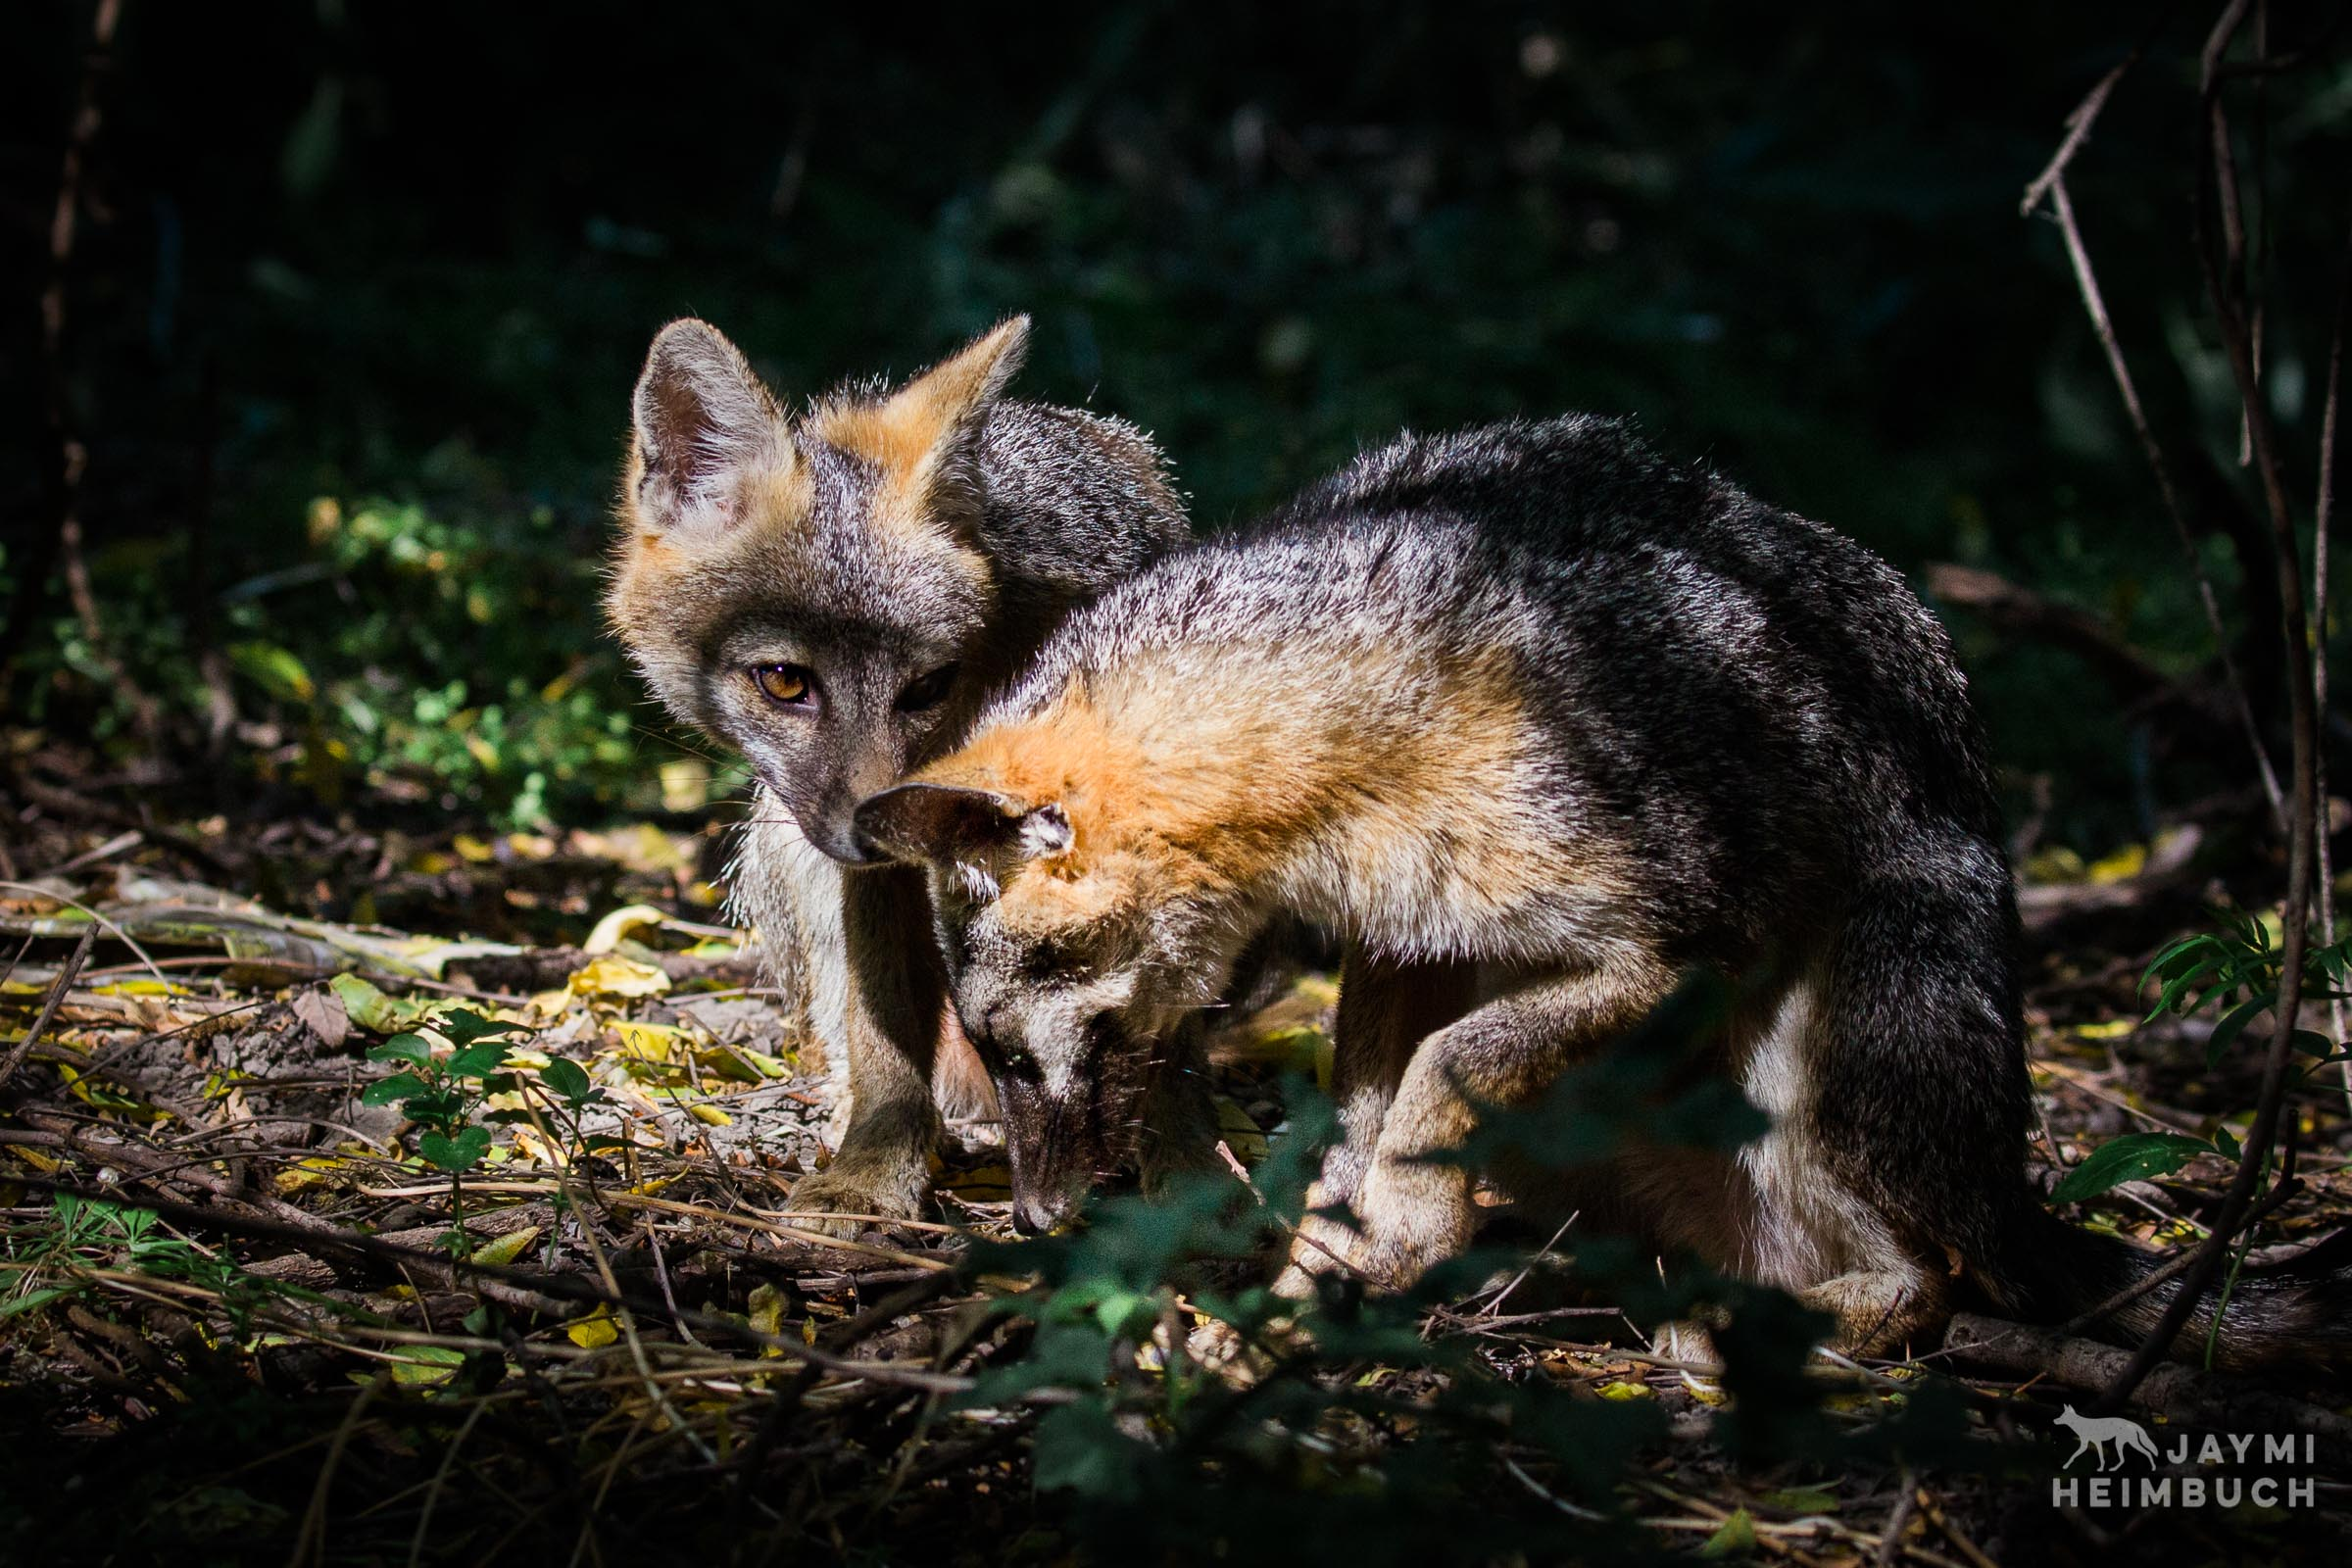 gray-fox-jaymi-heimbuch-_JH_0581-14